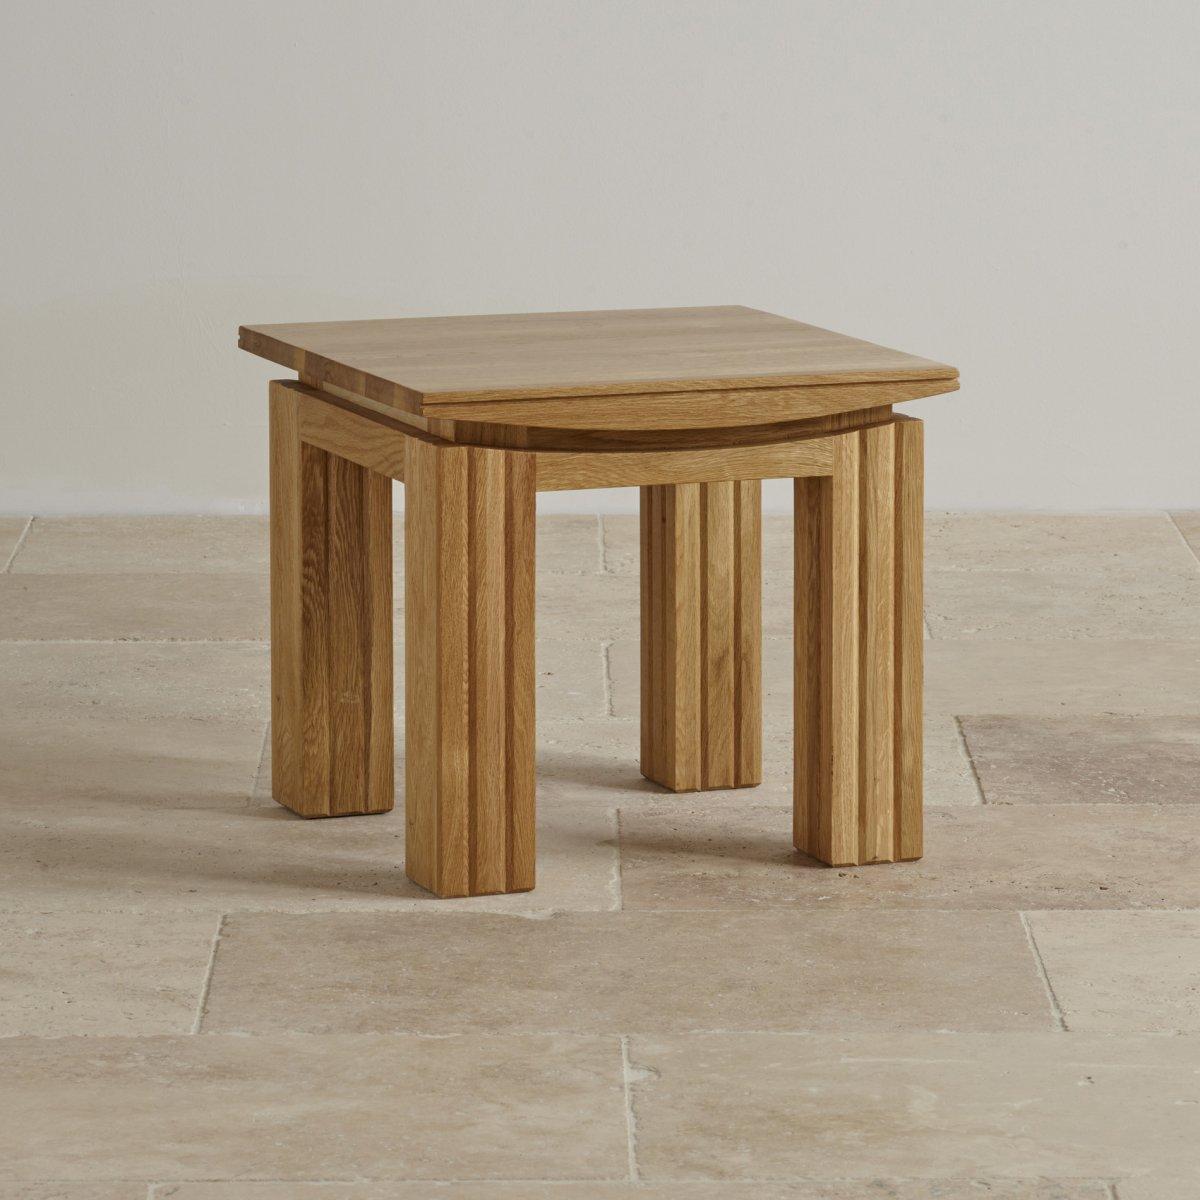 Conran Solid Oak Living Room Furniture Side End Lamp Table: Tokyo Natural Solid Oak Side Table